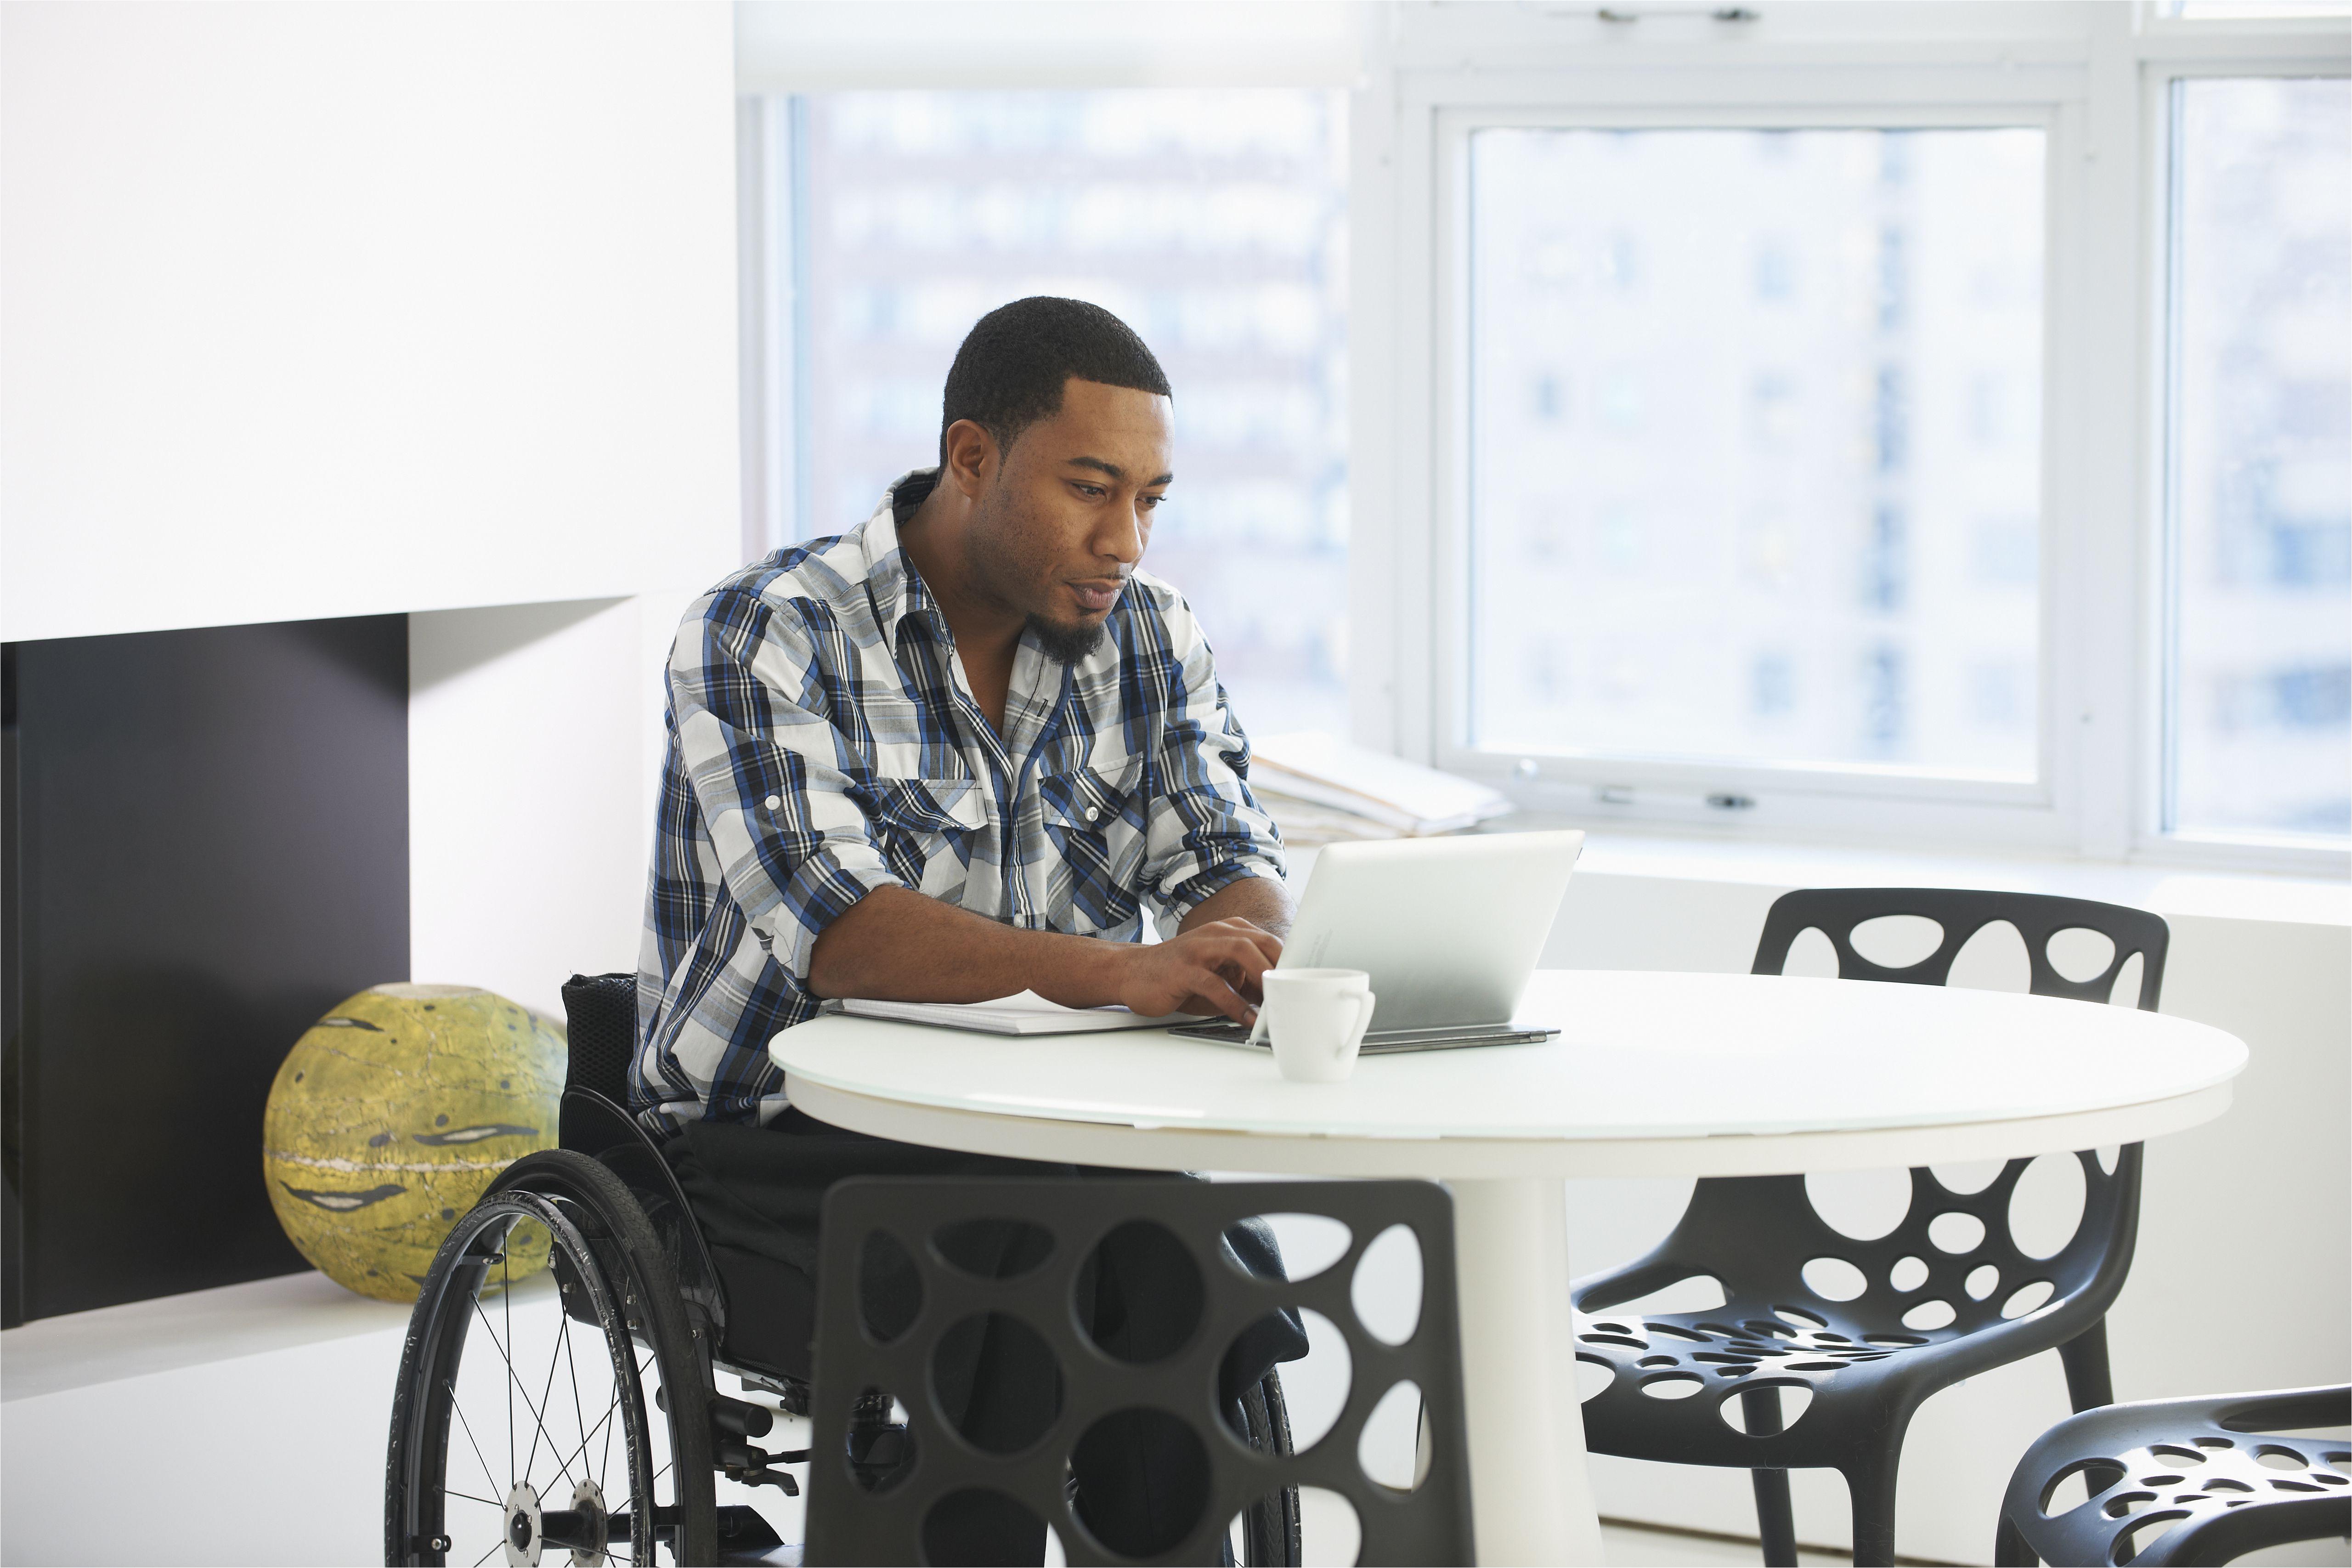 black businessman in wheelchair using laptop at table 672161631 5a6b3a3a43a1030037040e7e jpg